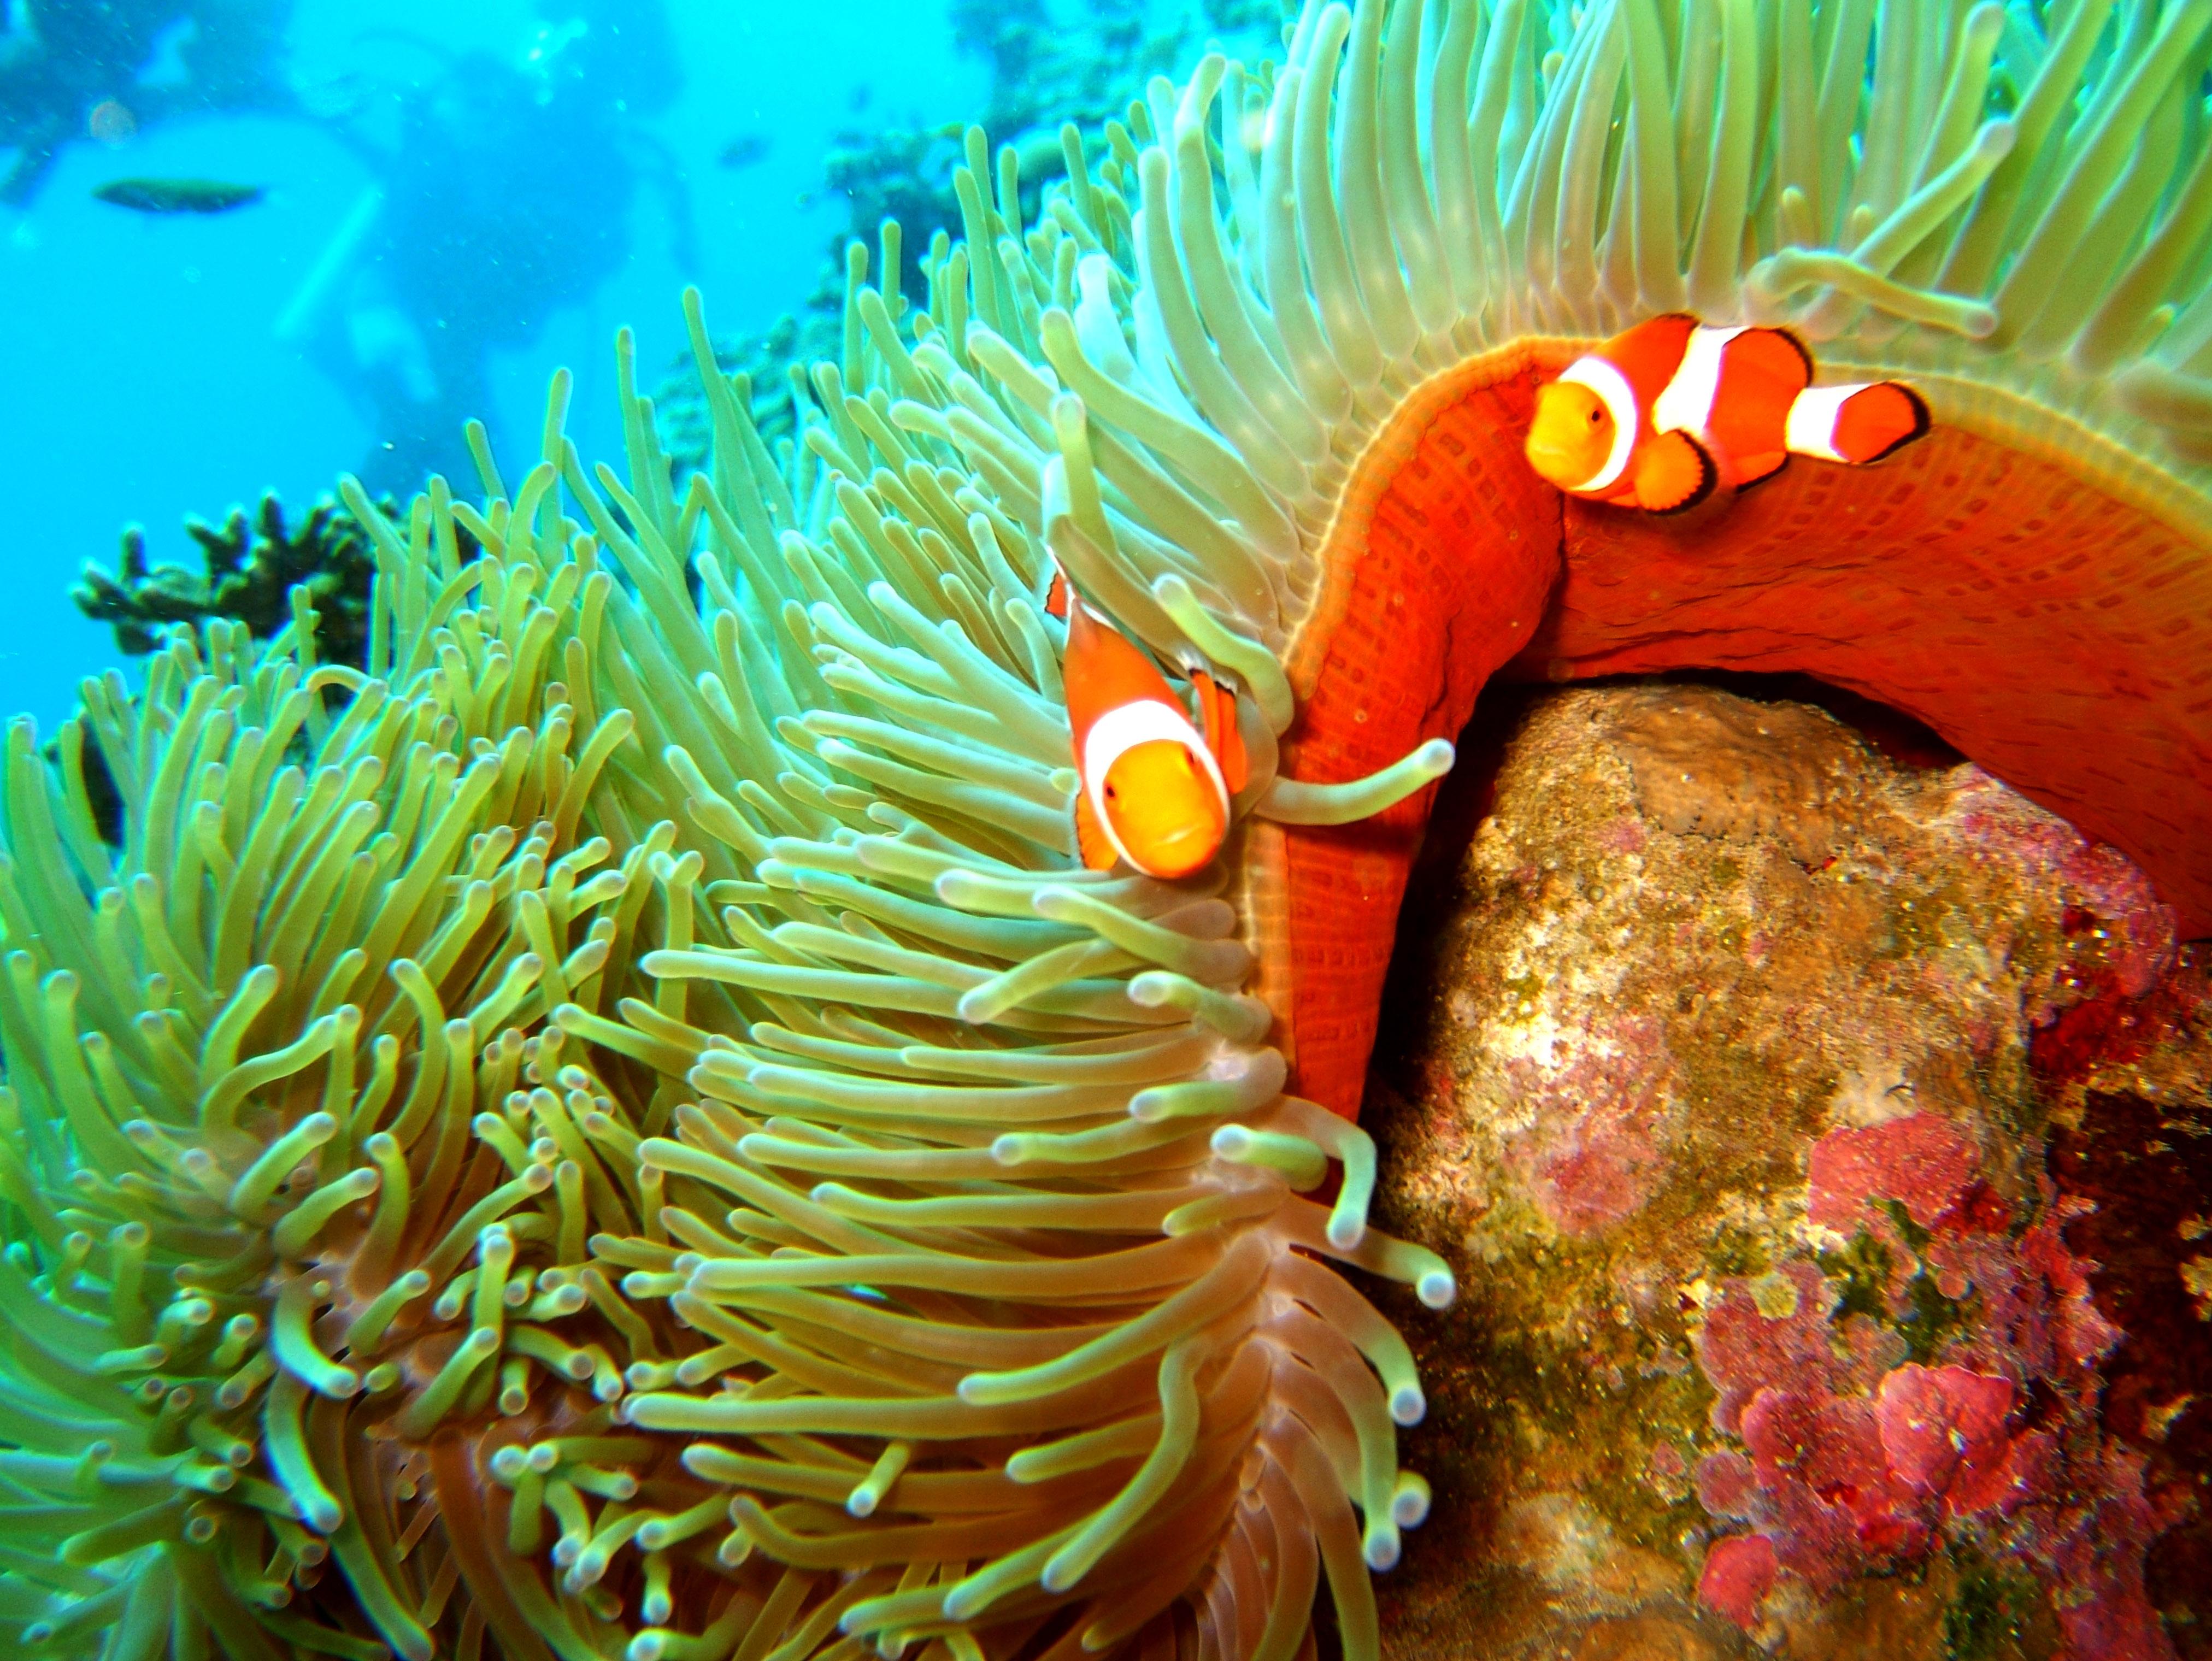 Philippines Cebu Bohol Balicasag Island Rudys rock dive Dec 2005 19